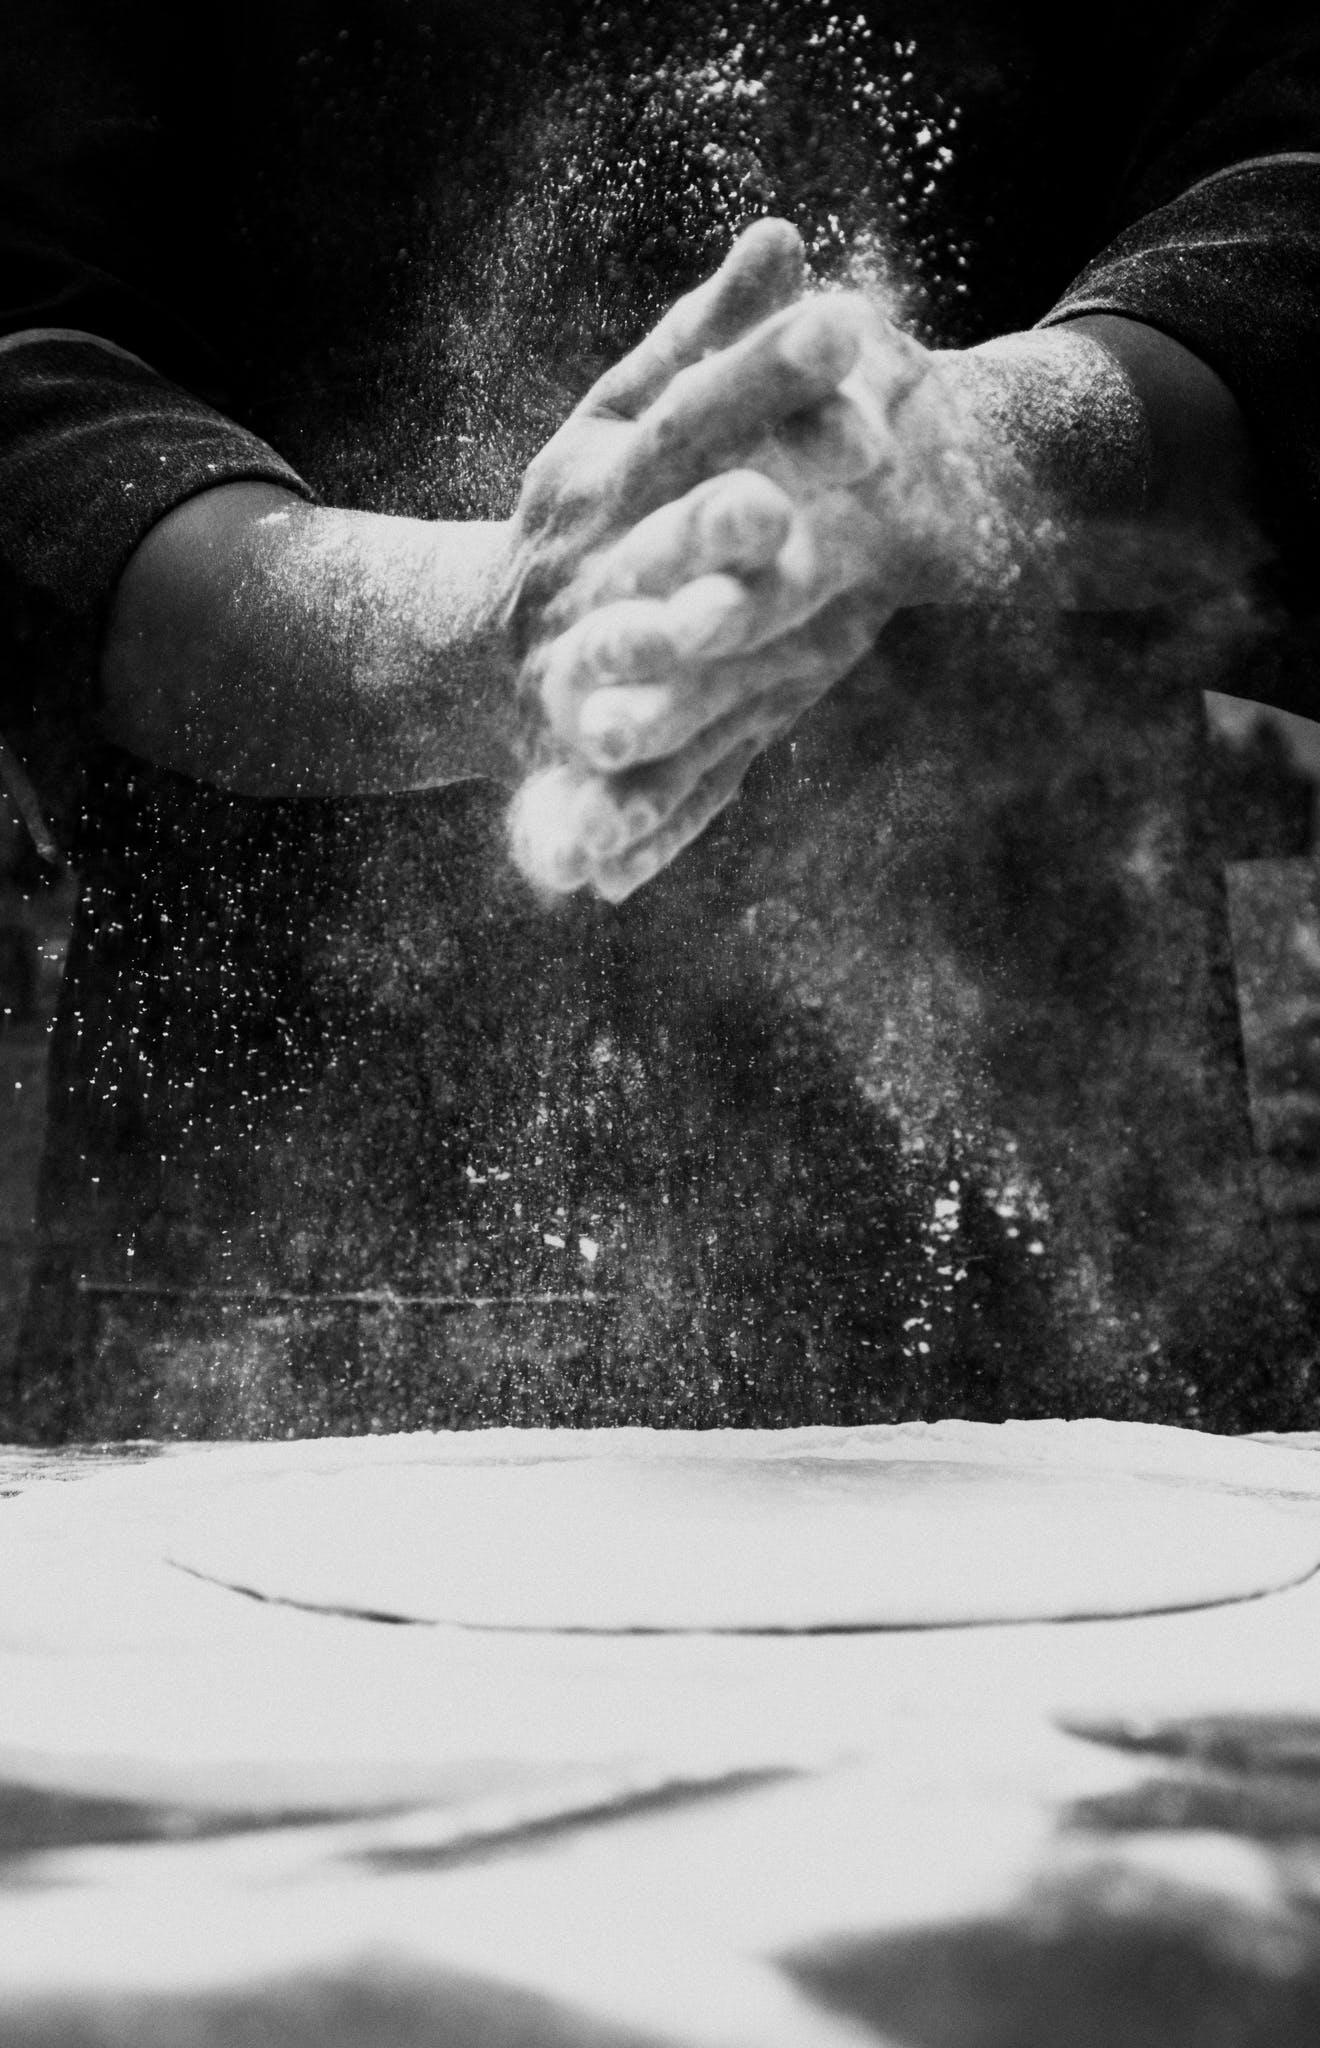 aşçı, fırında pişmiş, fotoğrafçılık, Gıda içeren Ücretsiz stok fotoğraf